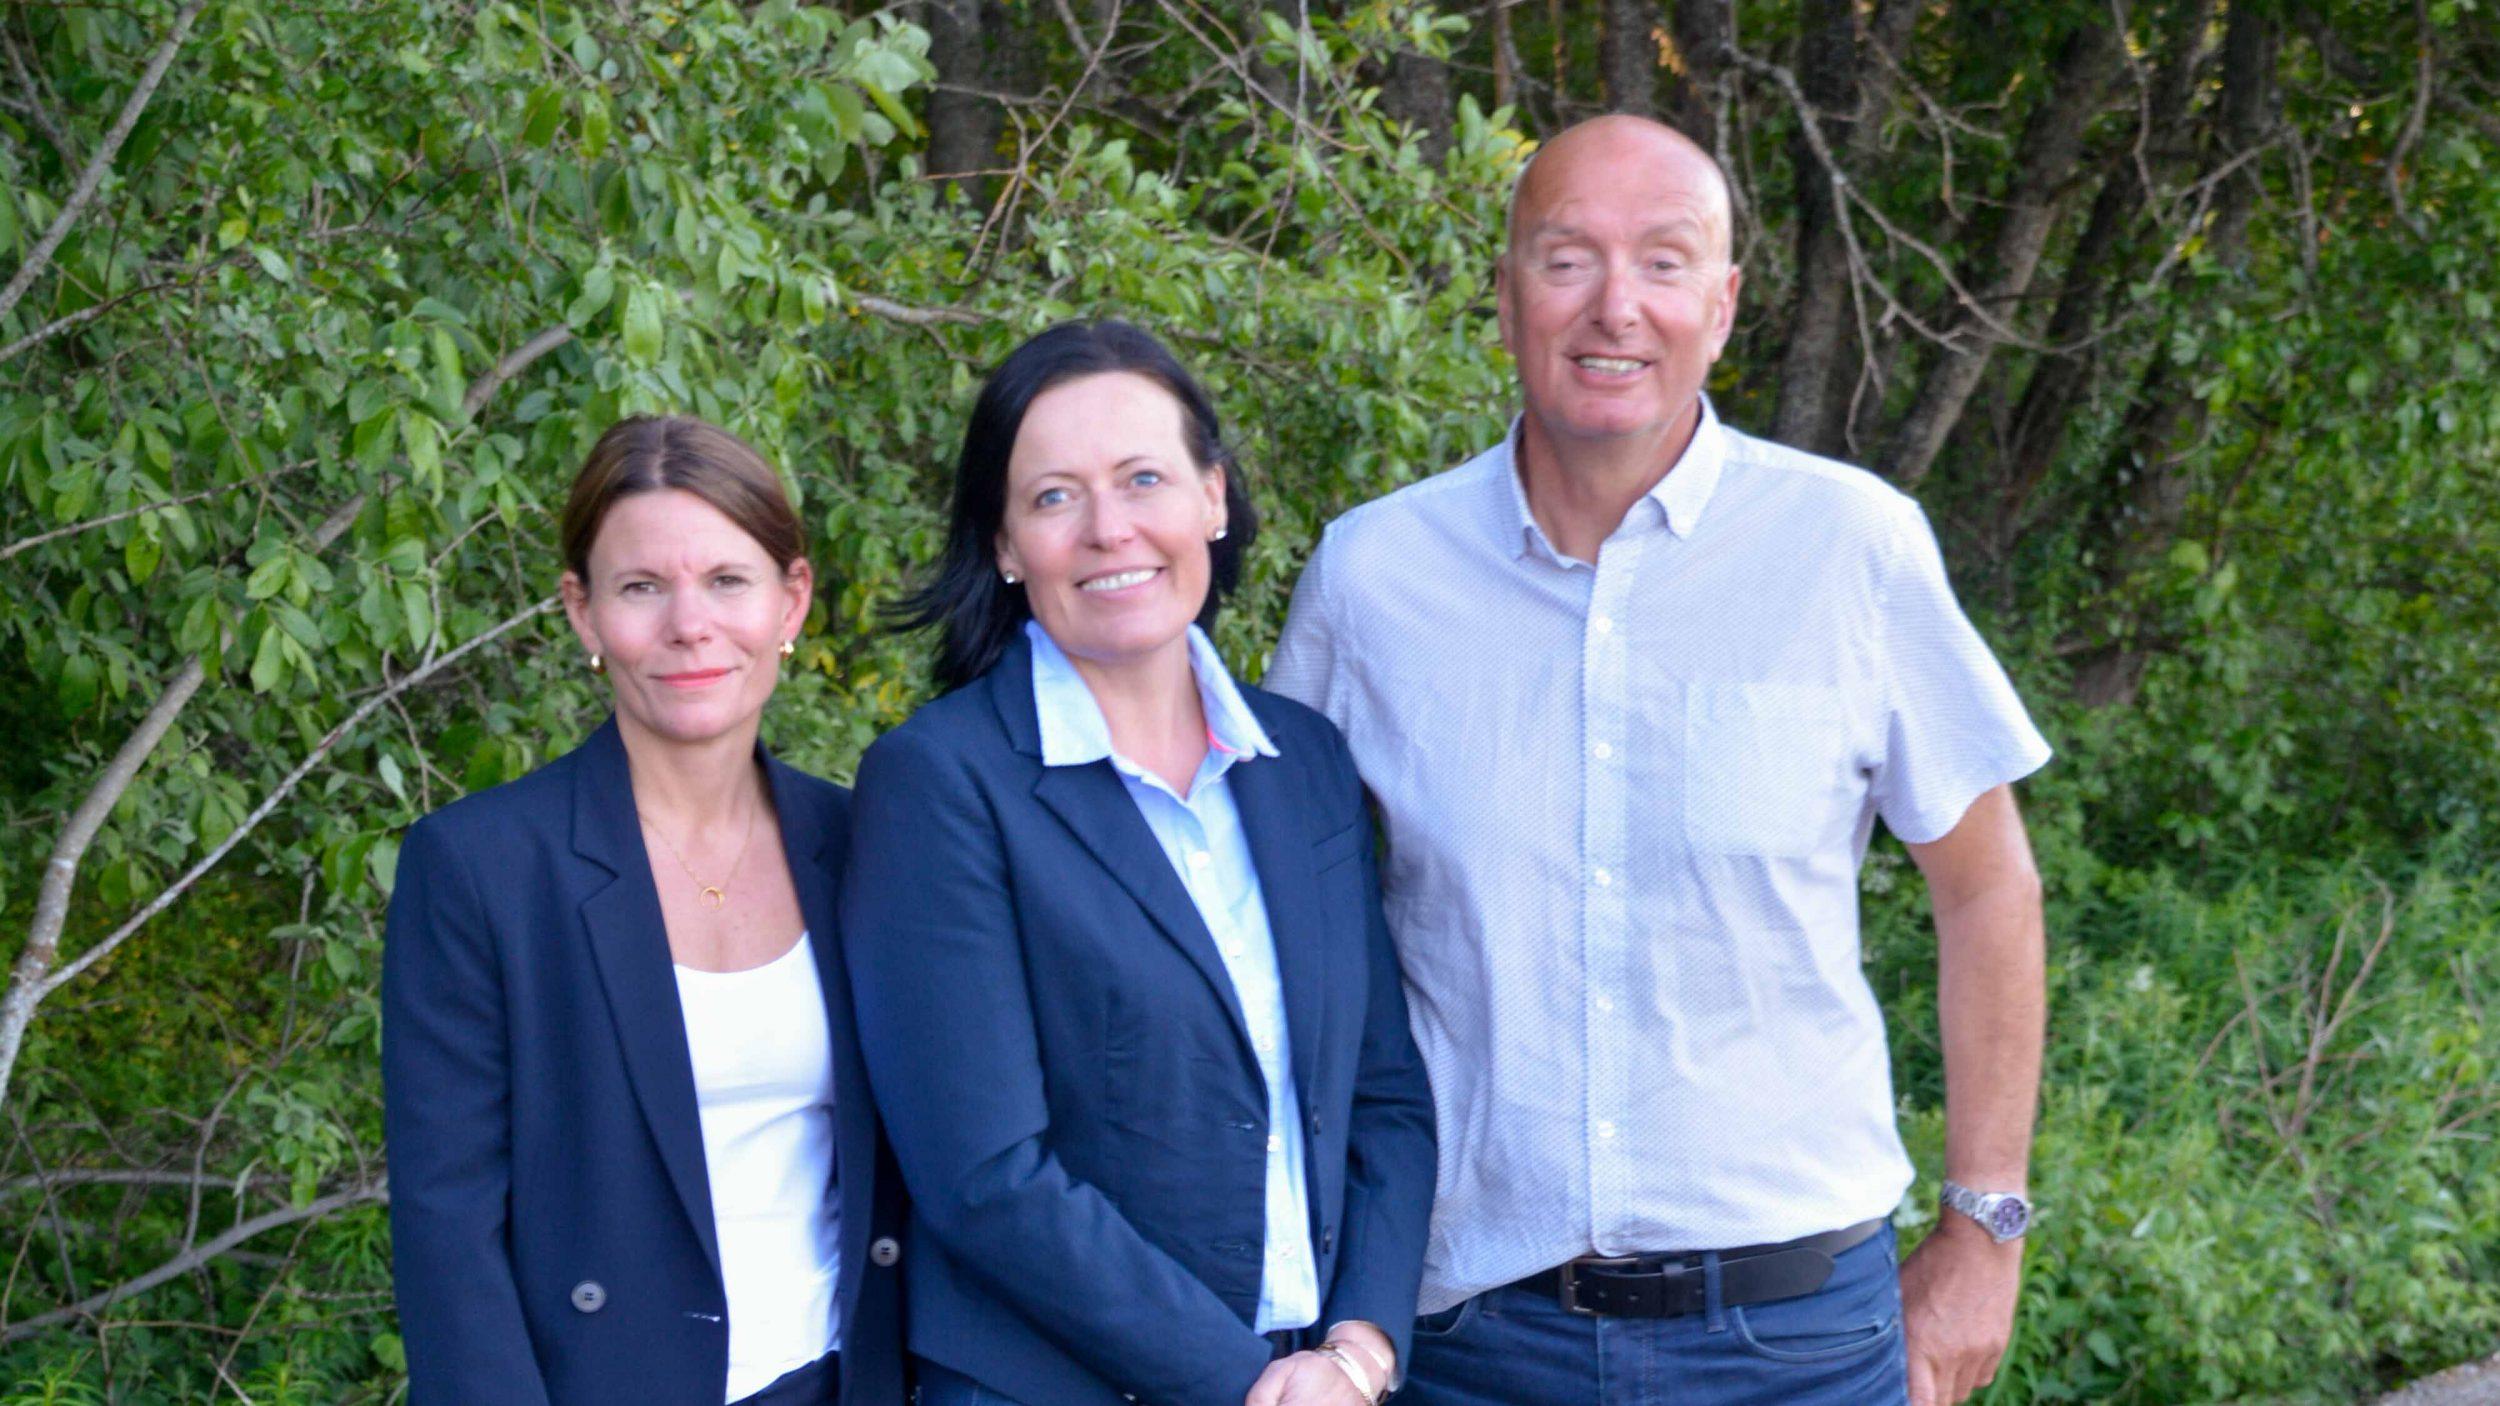 Foto: Melhus Høyres toppkandidater ved valget 2019 oppstilt, grønn naturbakgrunn. F.v. Marte Olden Jakobsen, Stine Estenstad og Mikal Kvaal.